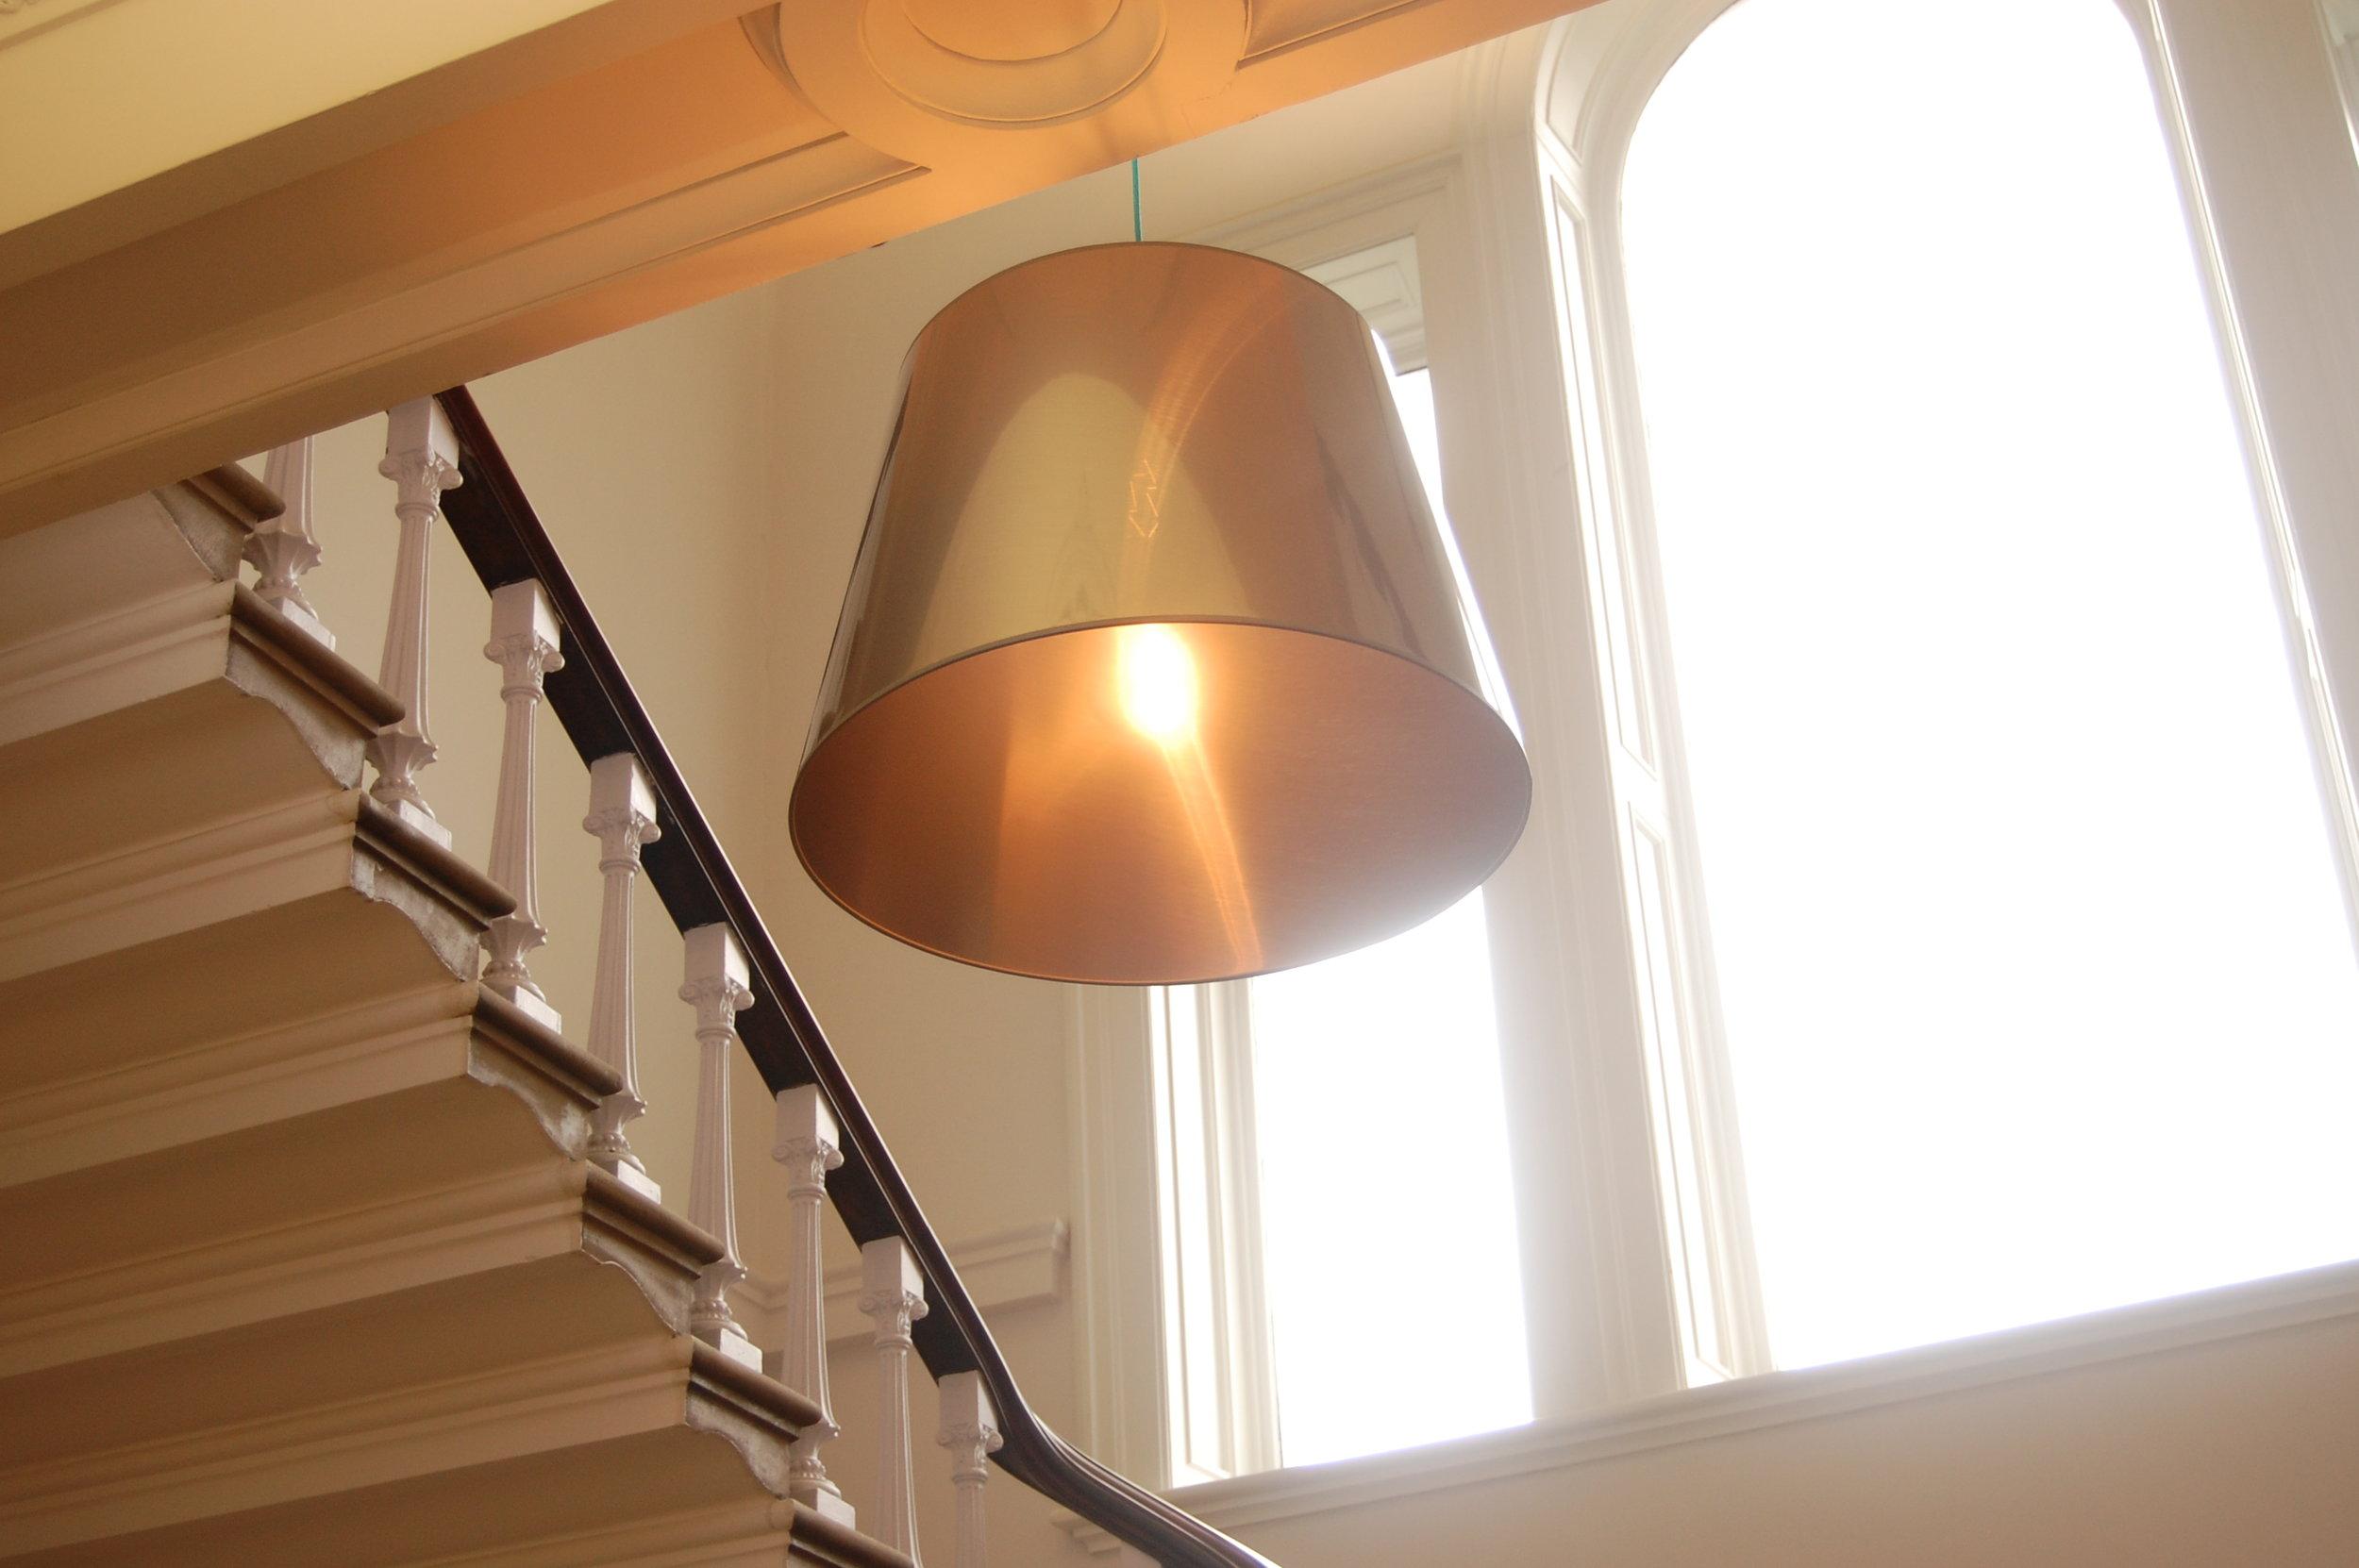 Bespoke lighting pendant